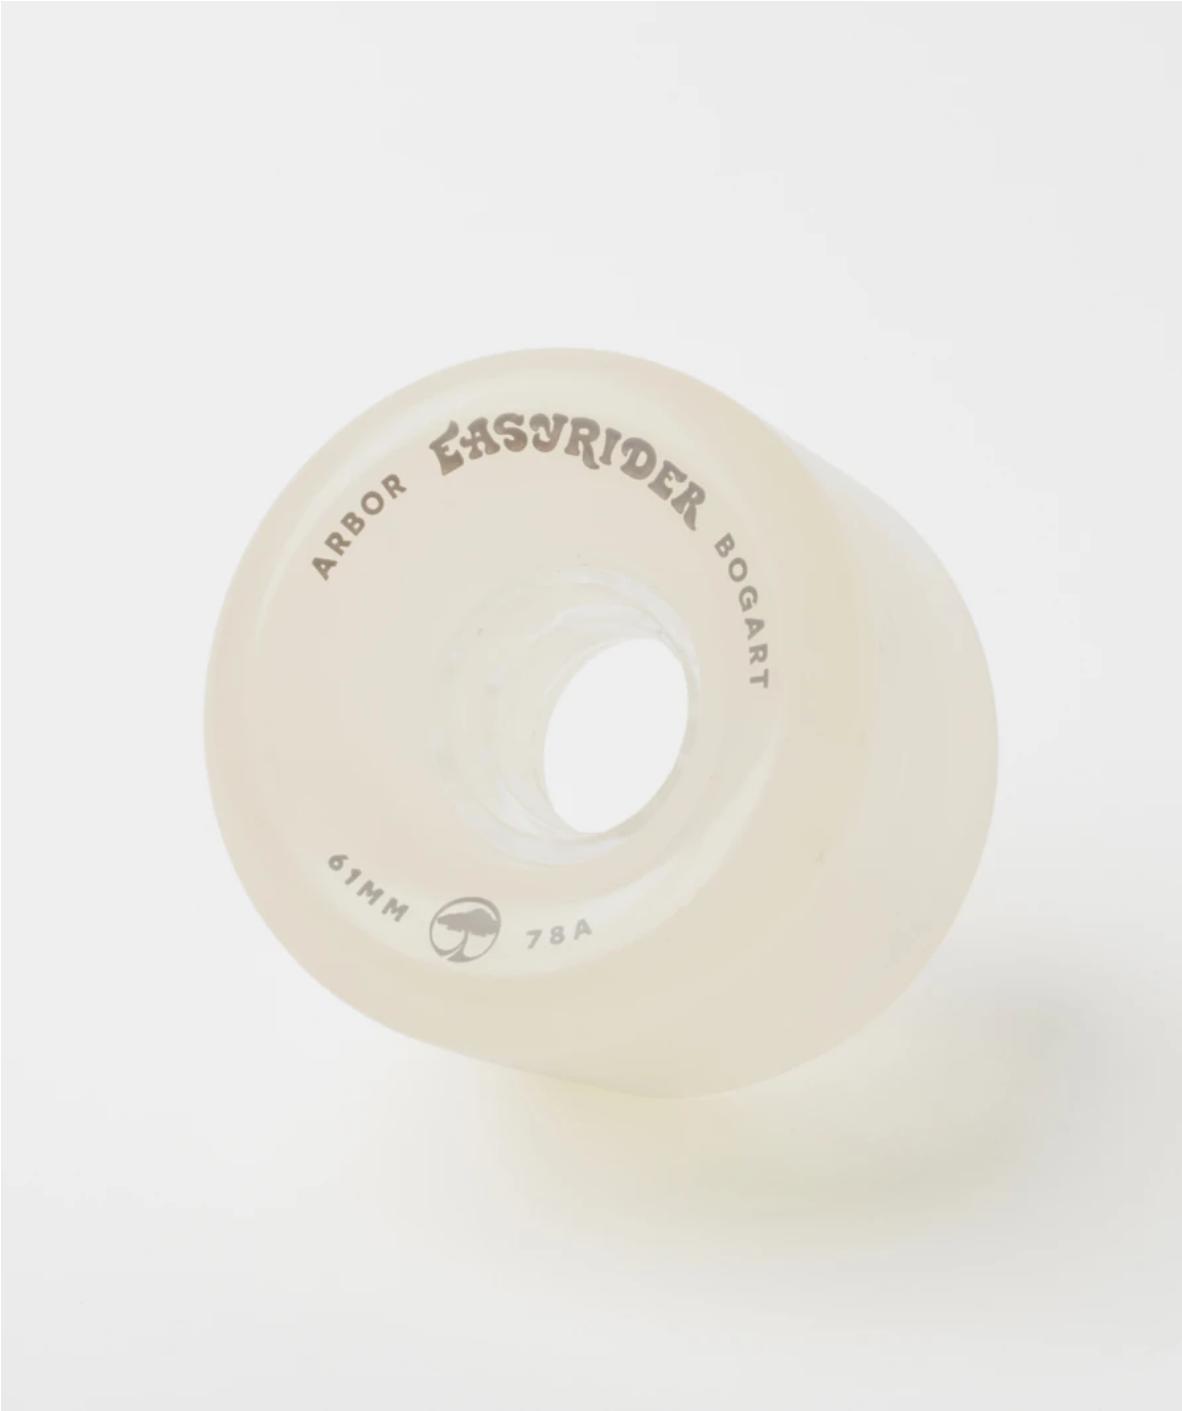 Arbor Bogart Easyrider 78a Ghost White 61mm